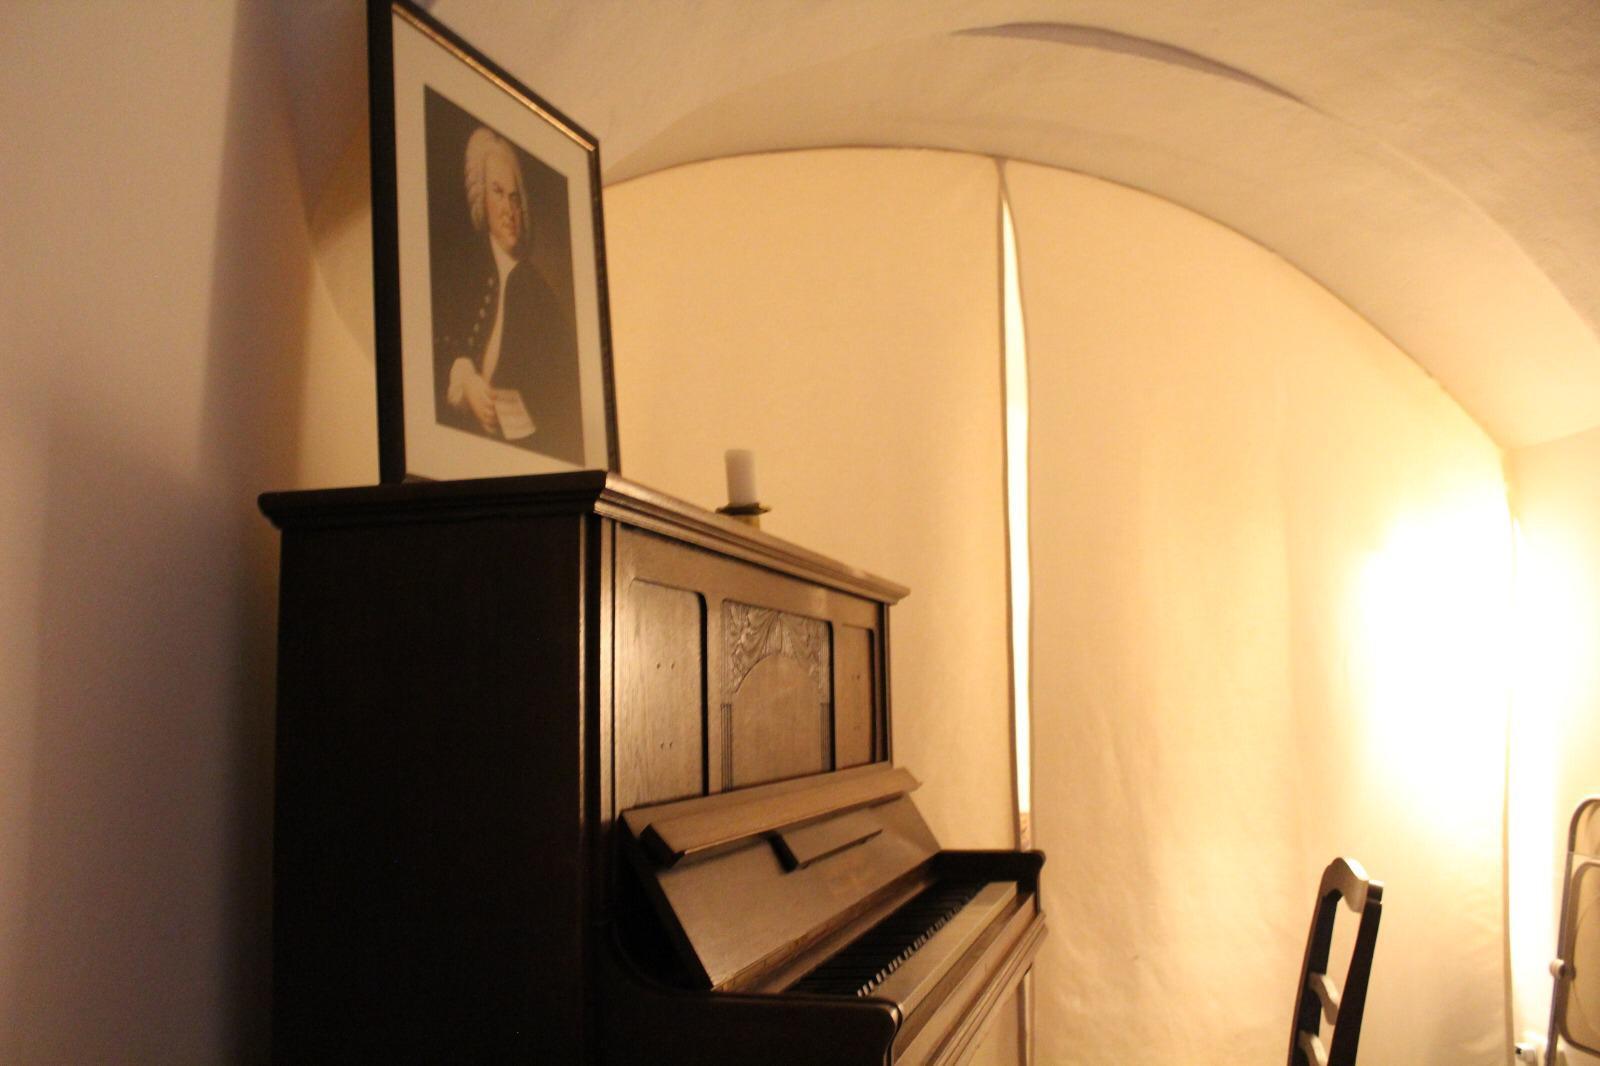 Persönliche Probezeit (Klavier)